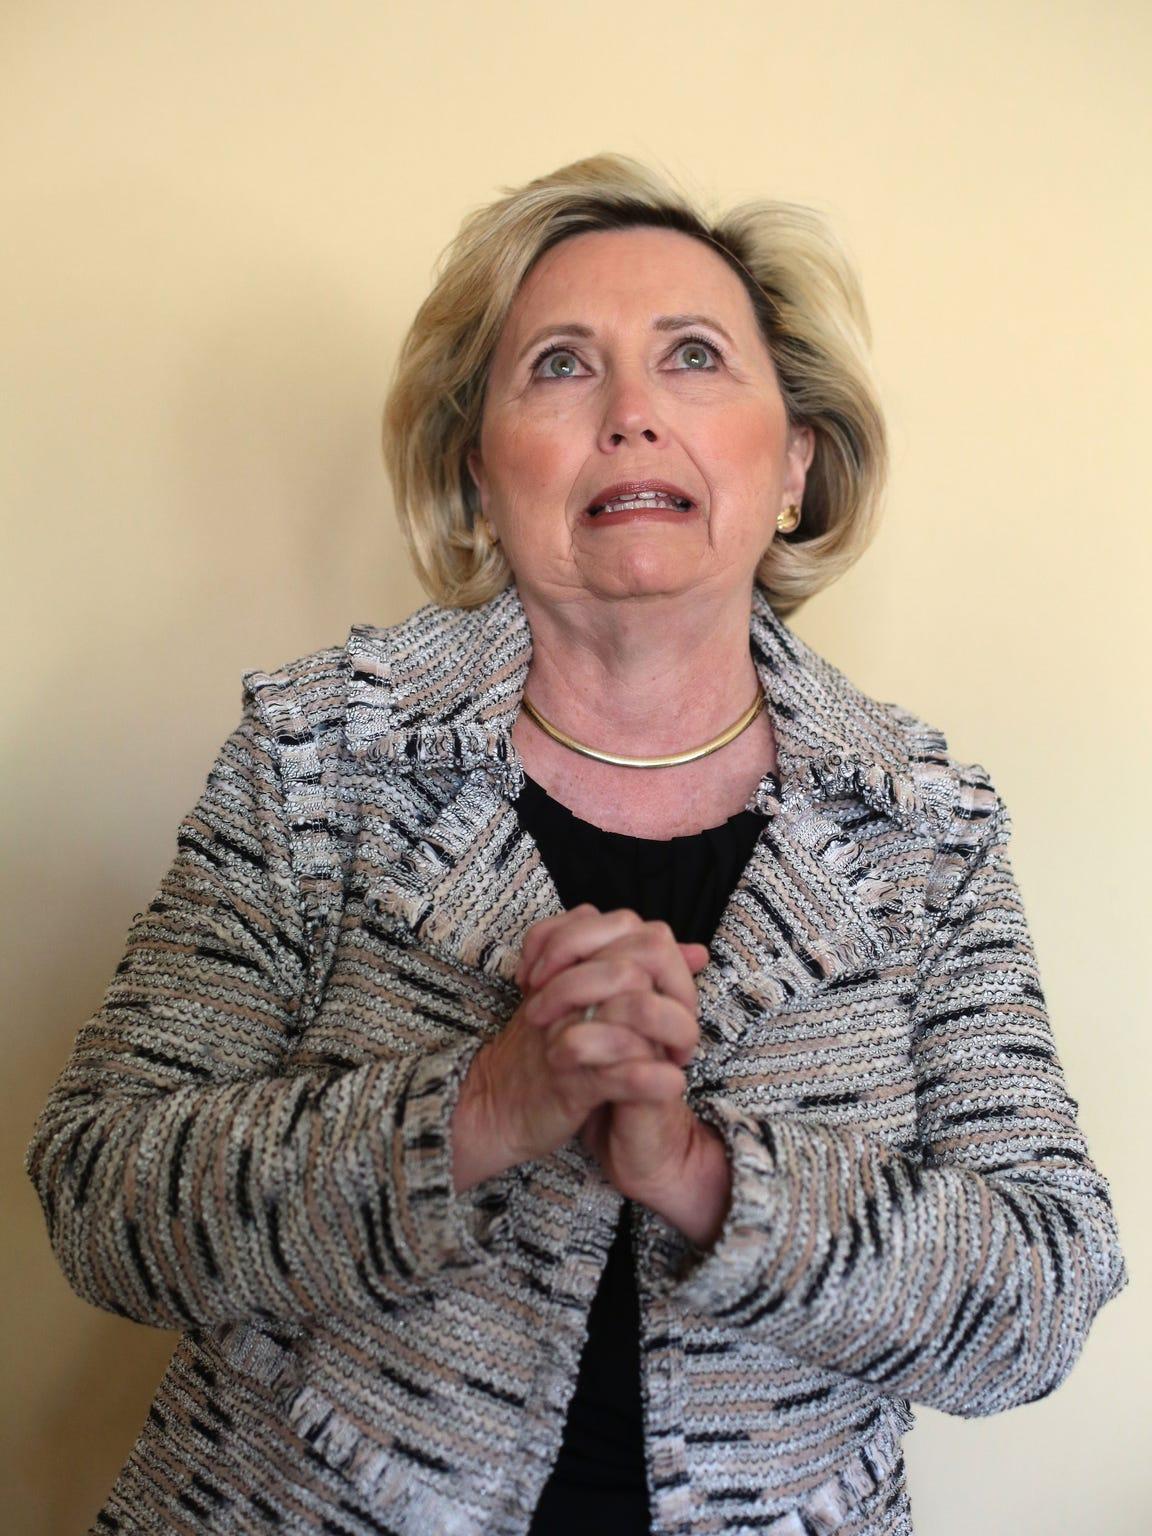 Teresa Barnwell, of Palm Desert, has been doing Hillary